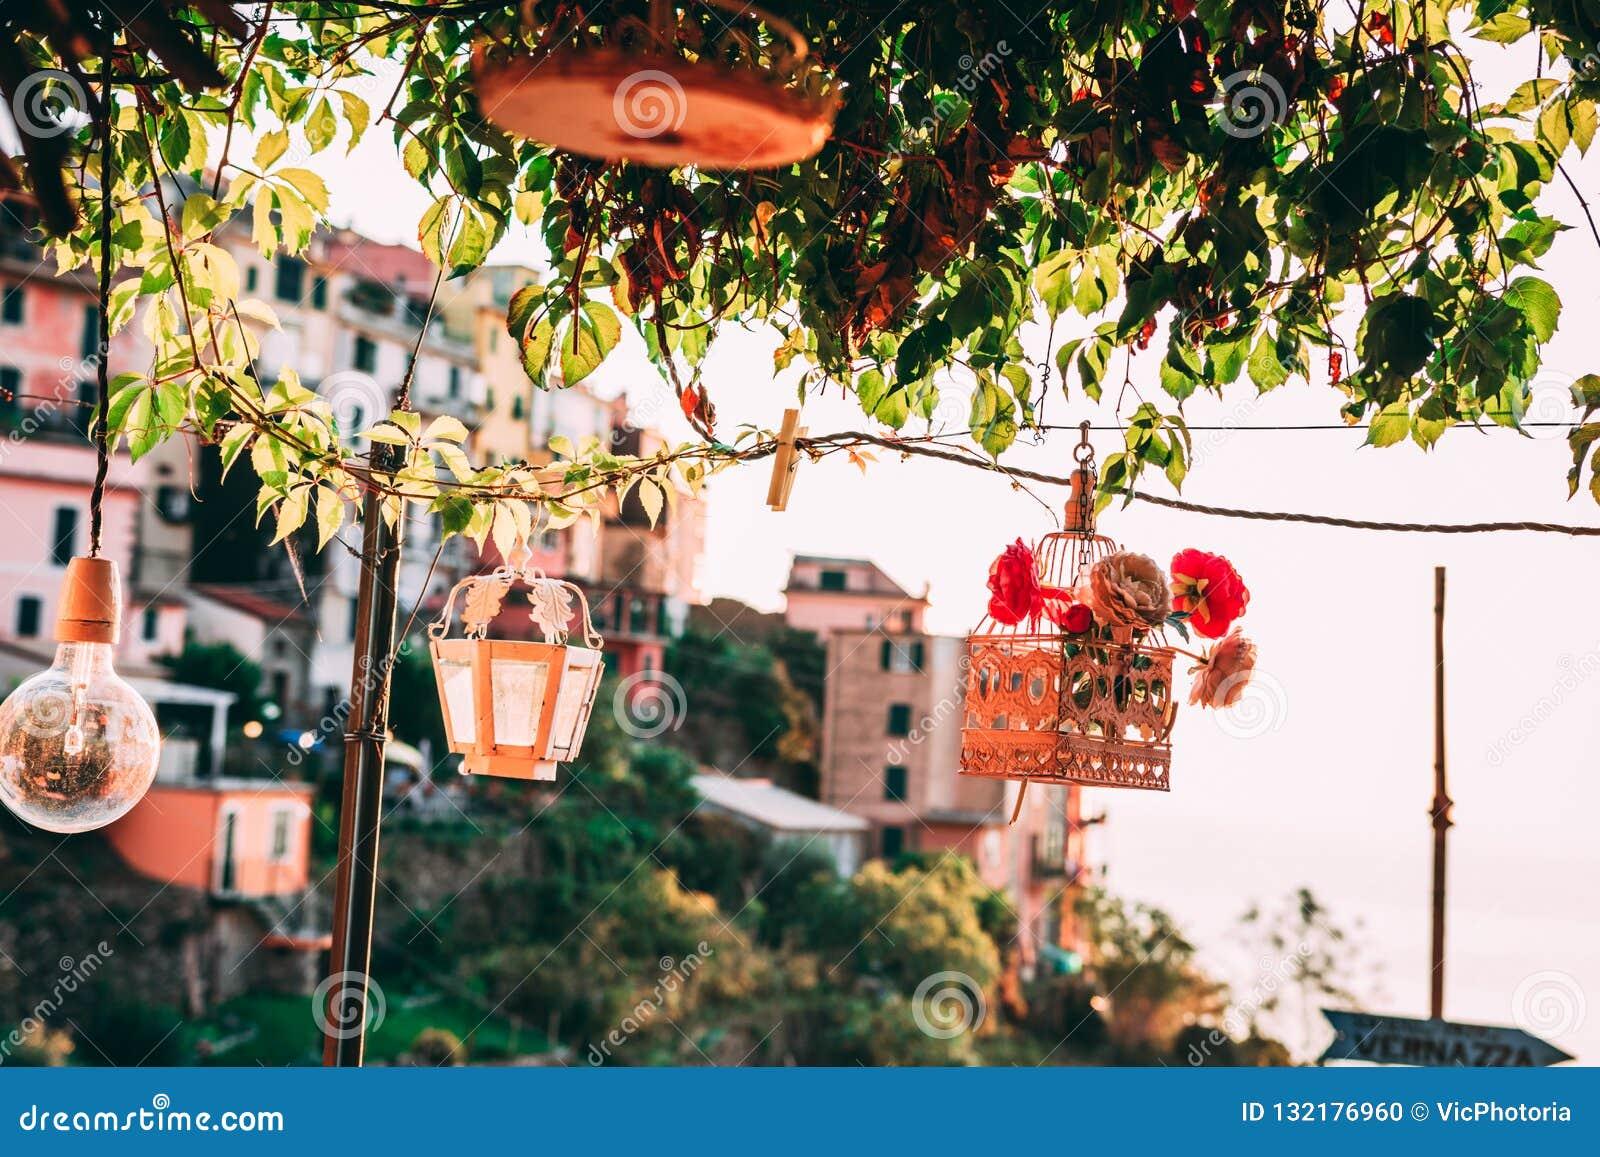 Lámparas Y Decoraciones Del Vintage árbol De Cal Y Casas